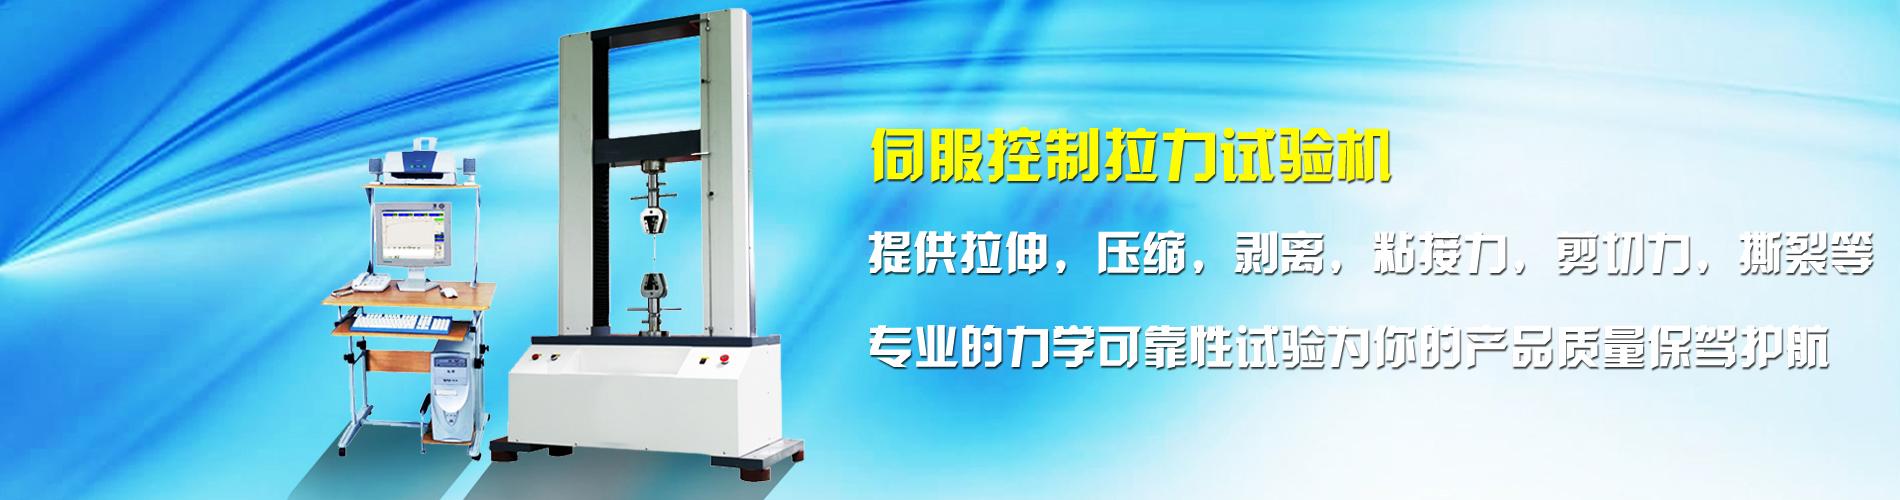 力学可靠性试验设备产品